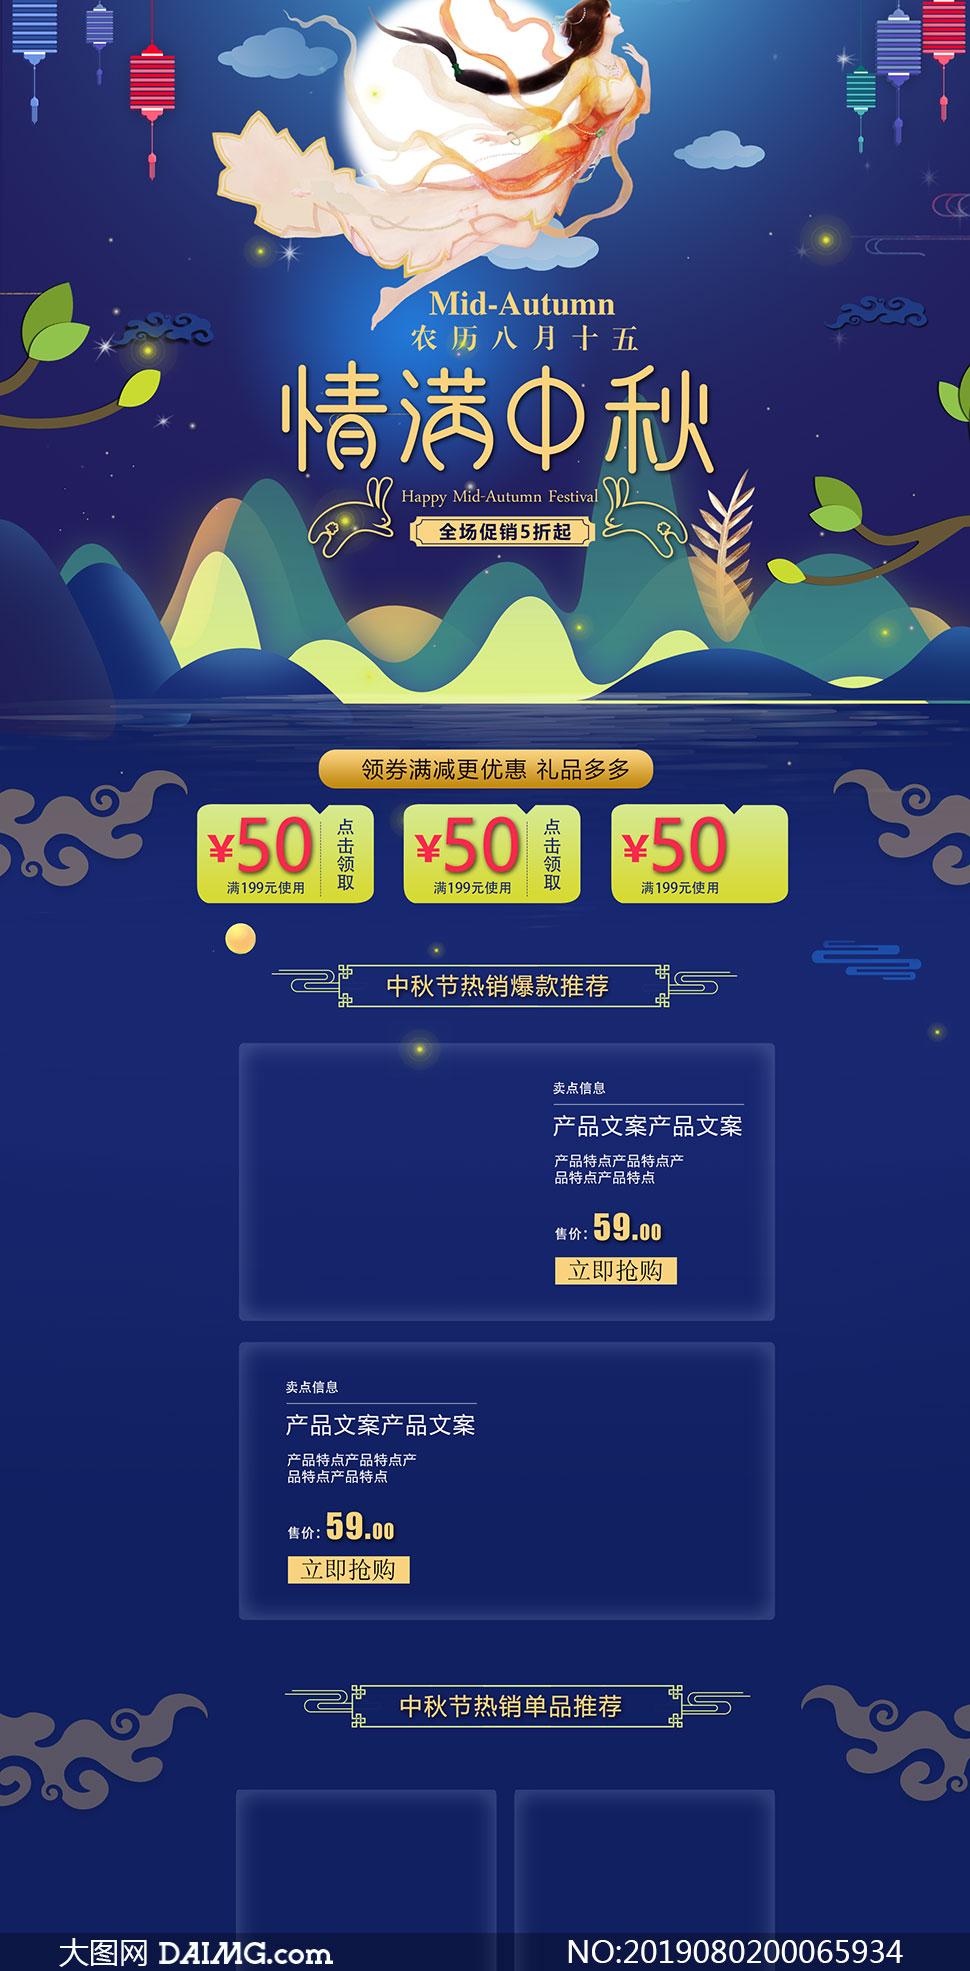 淘宝中秋节蓝色主题专题模板PSD素材